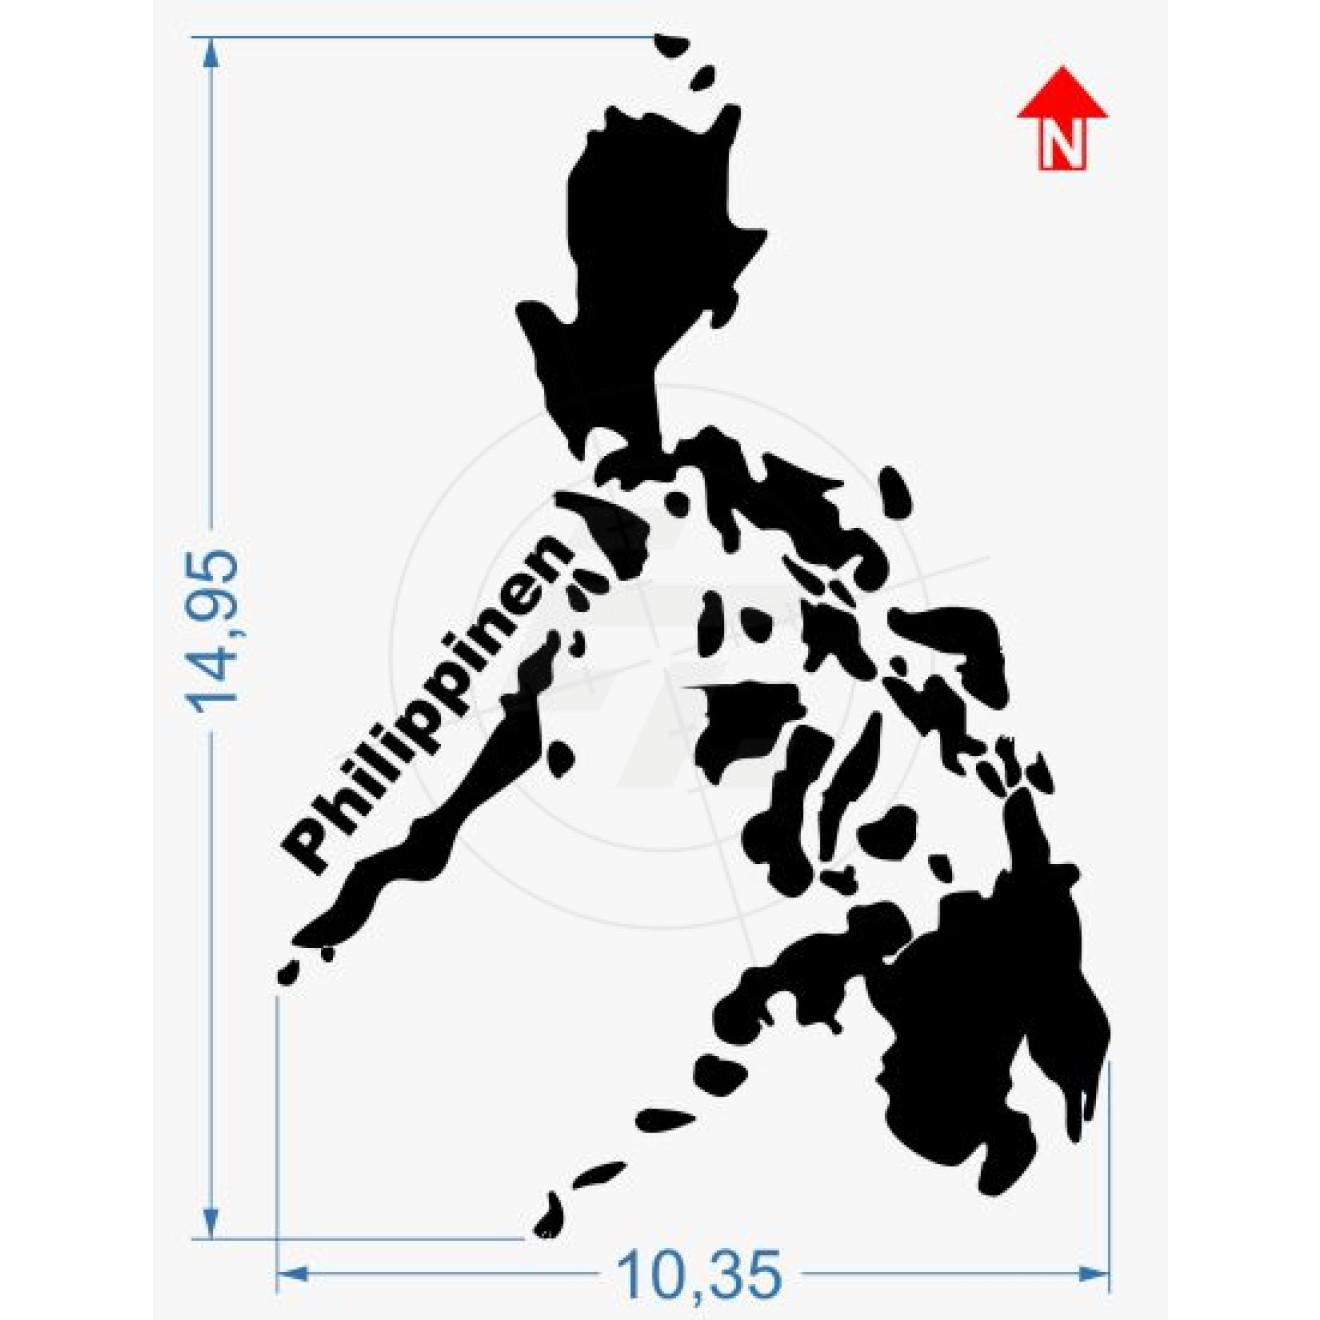 Philippinen Insel 4 Buchstaben